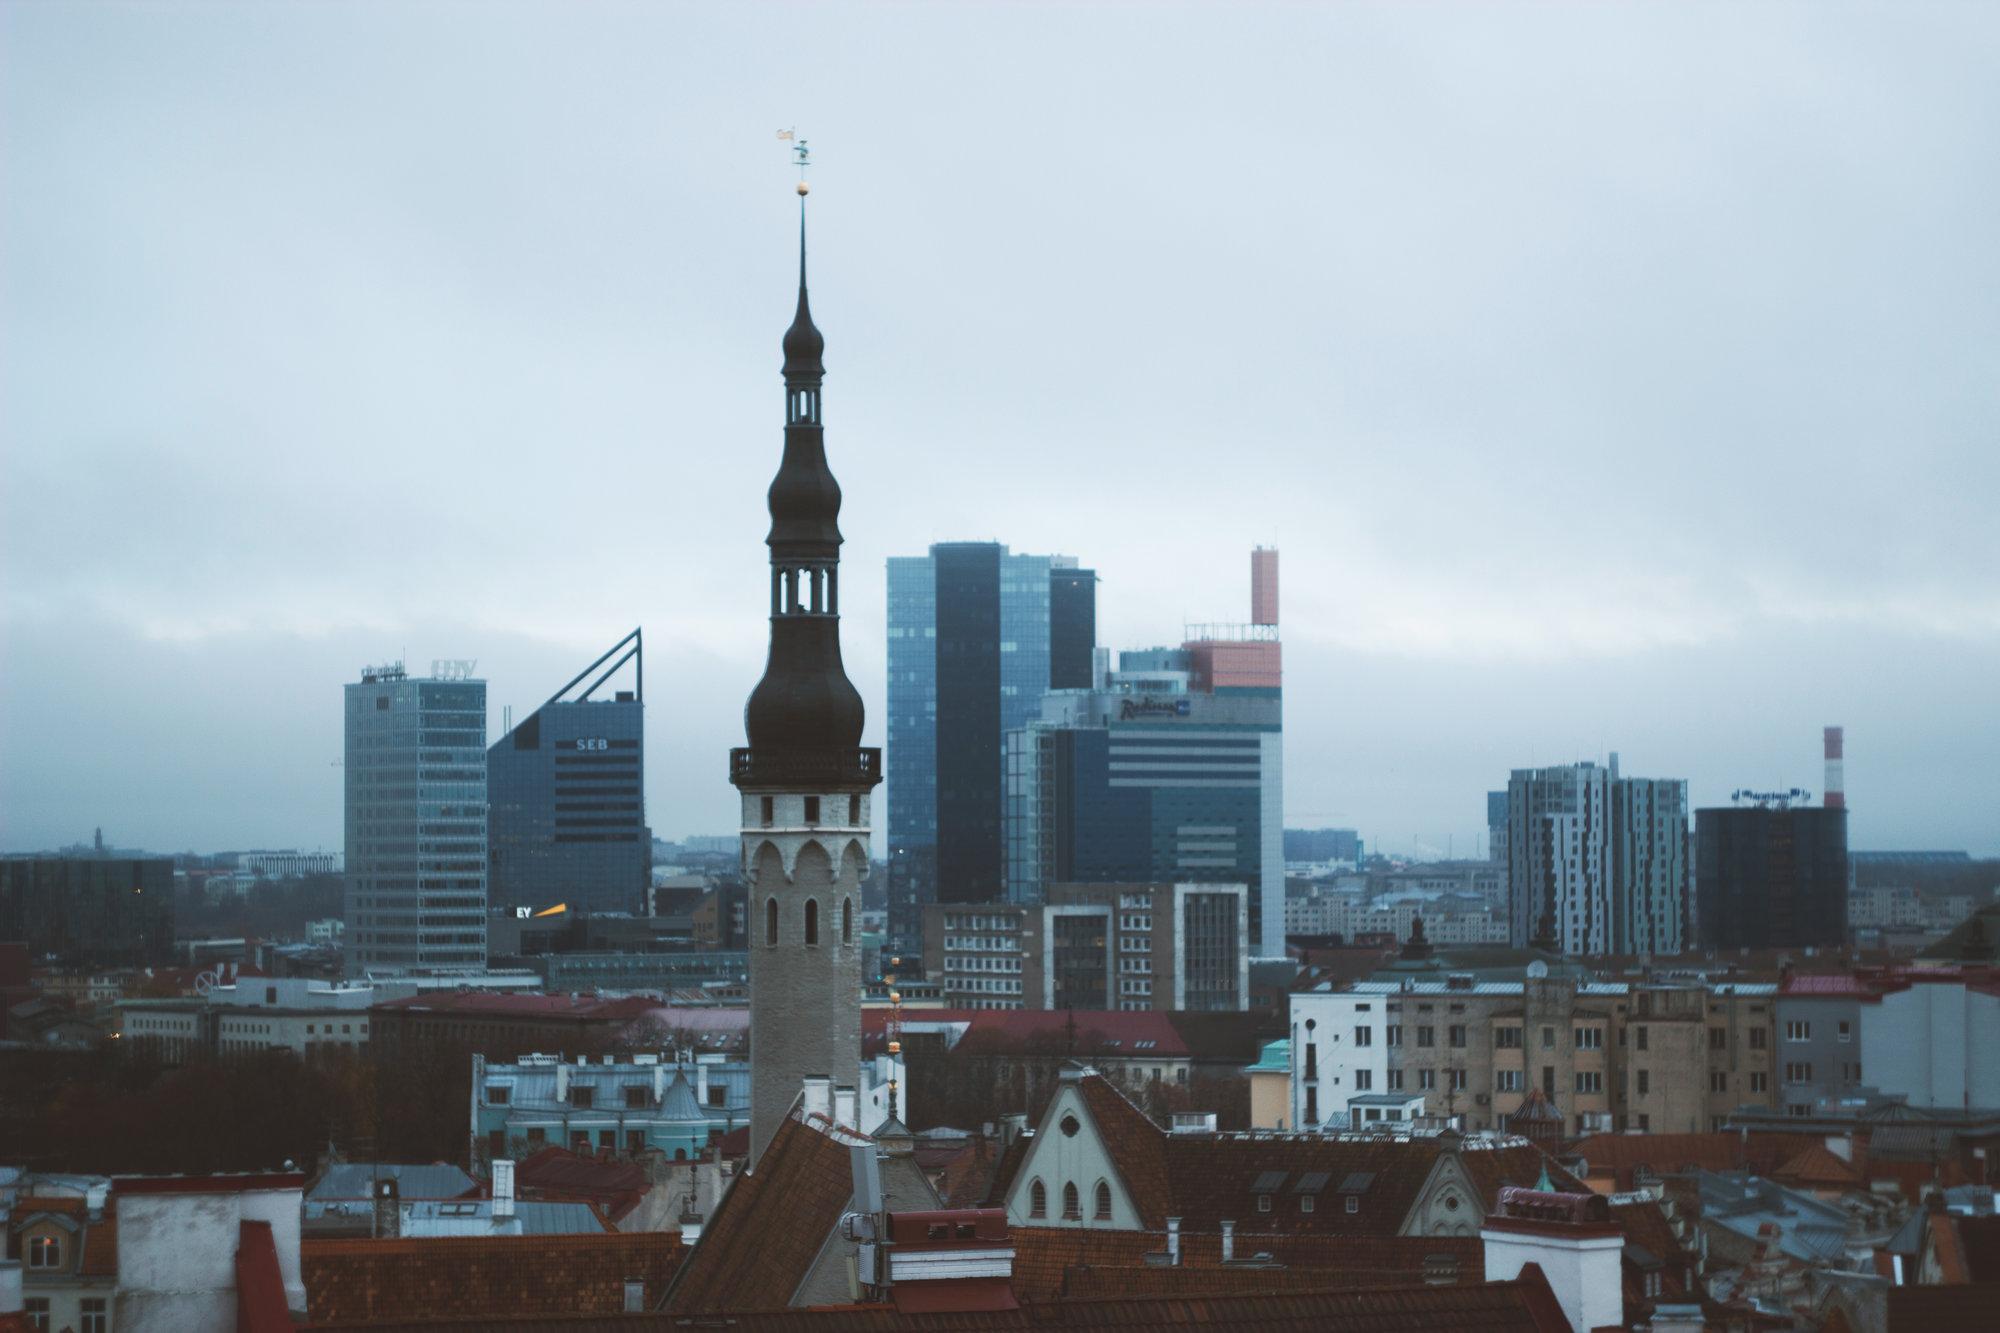 разительный контраст между старым и новым городом